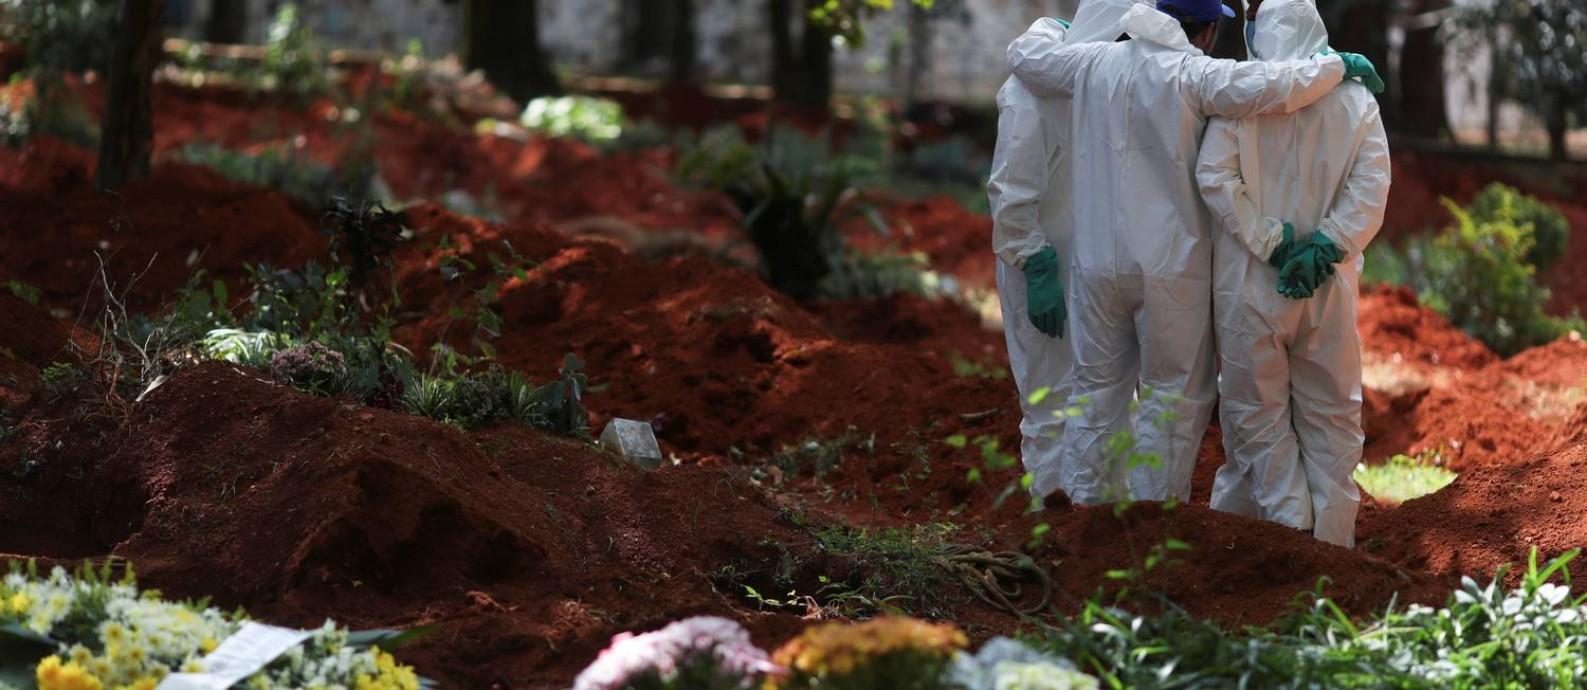 Coveiros usam roupas protetivas no cemitério de Vila Formosa, em São Paulo Foto: Amanda Perobelli/Reuters/2-4-2020